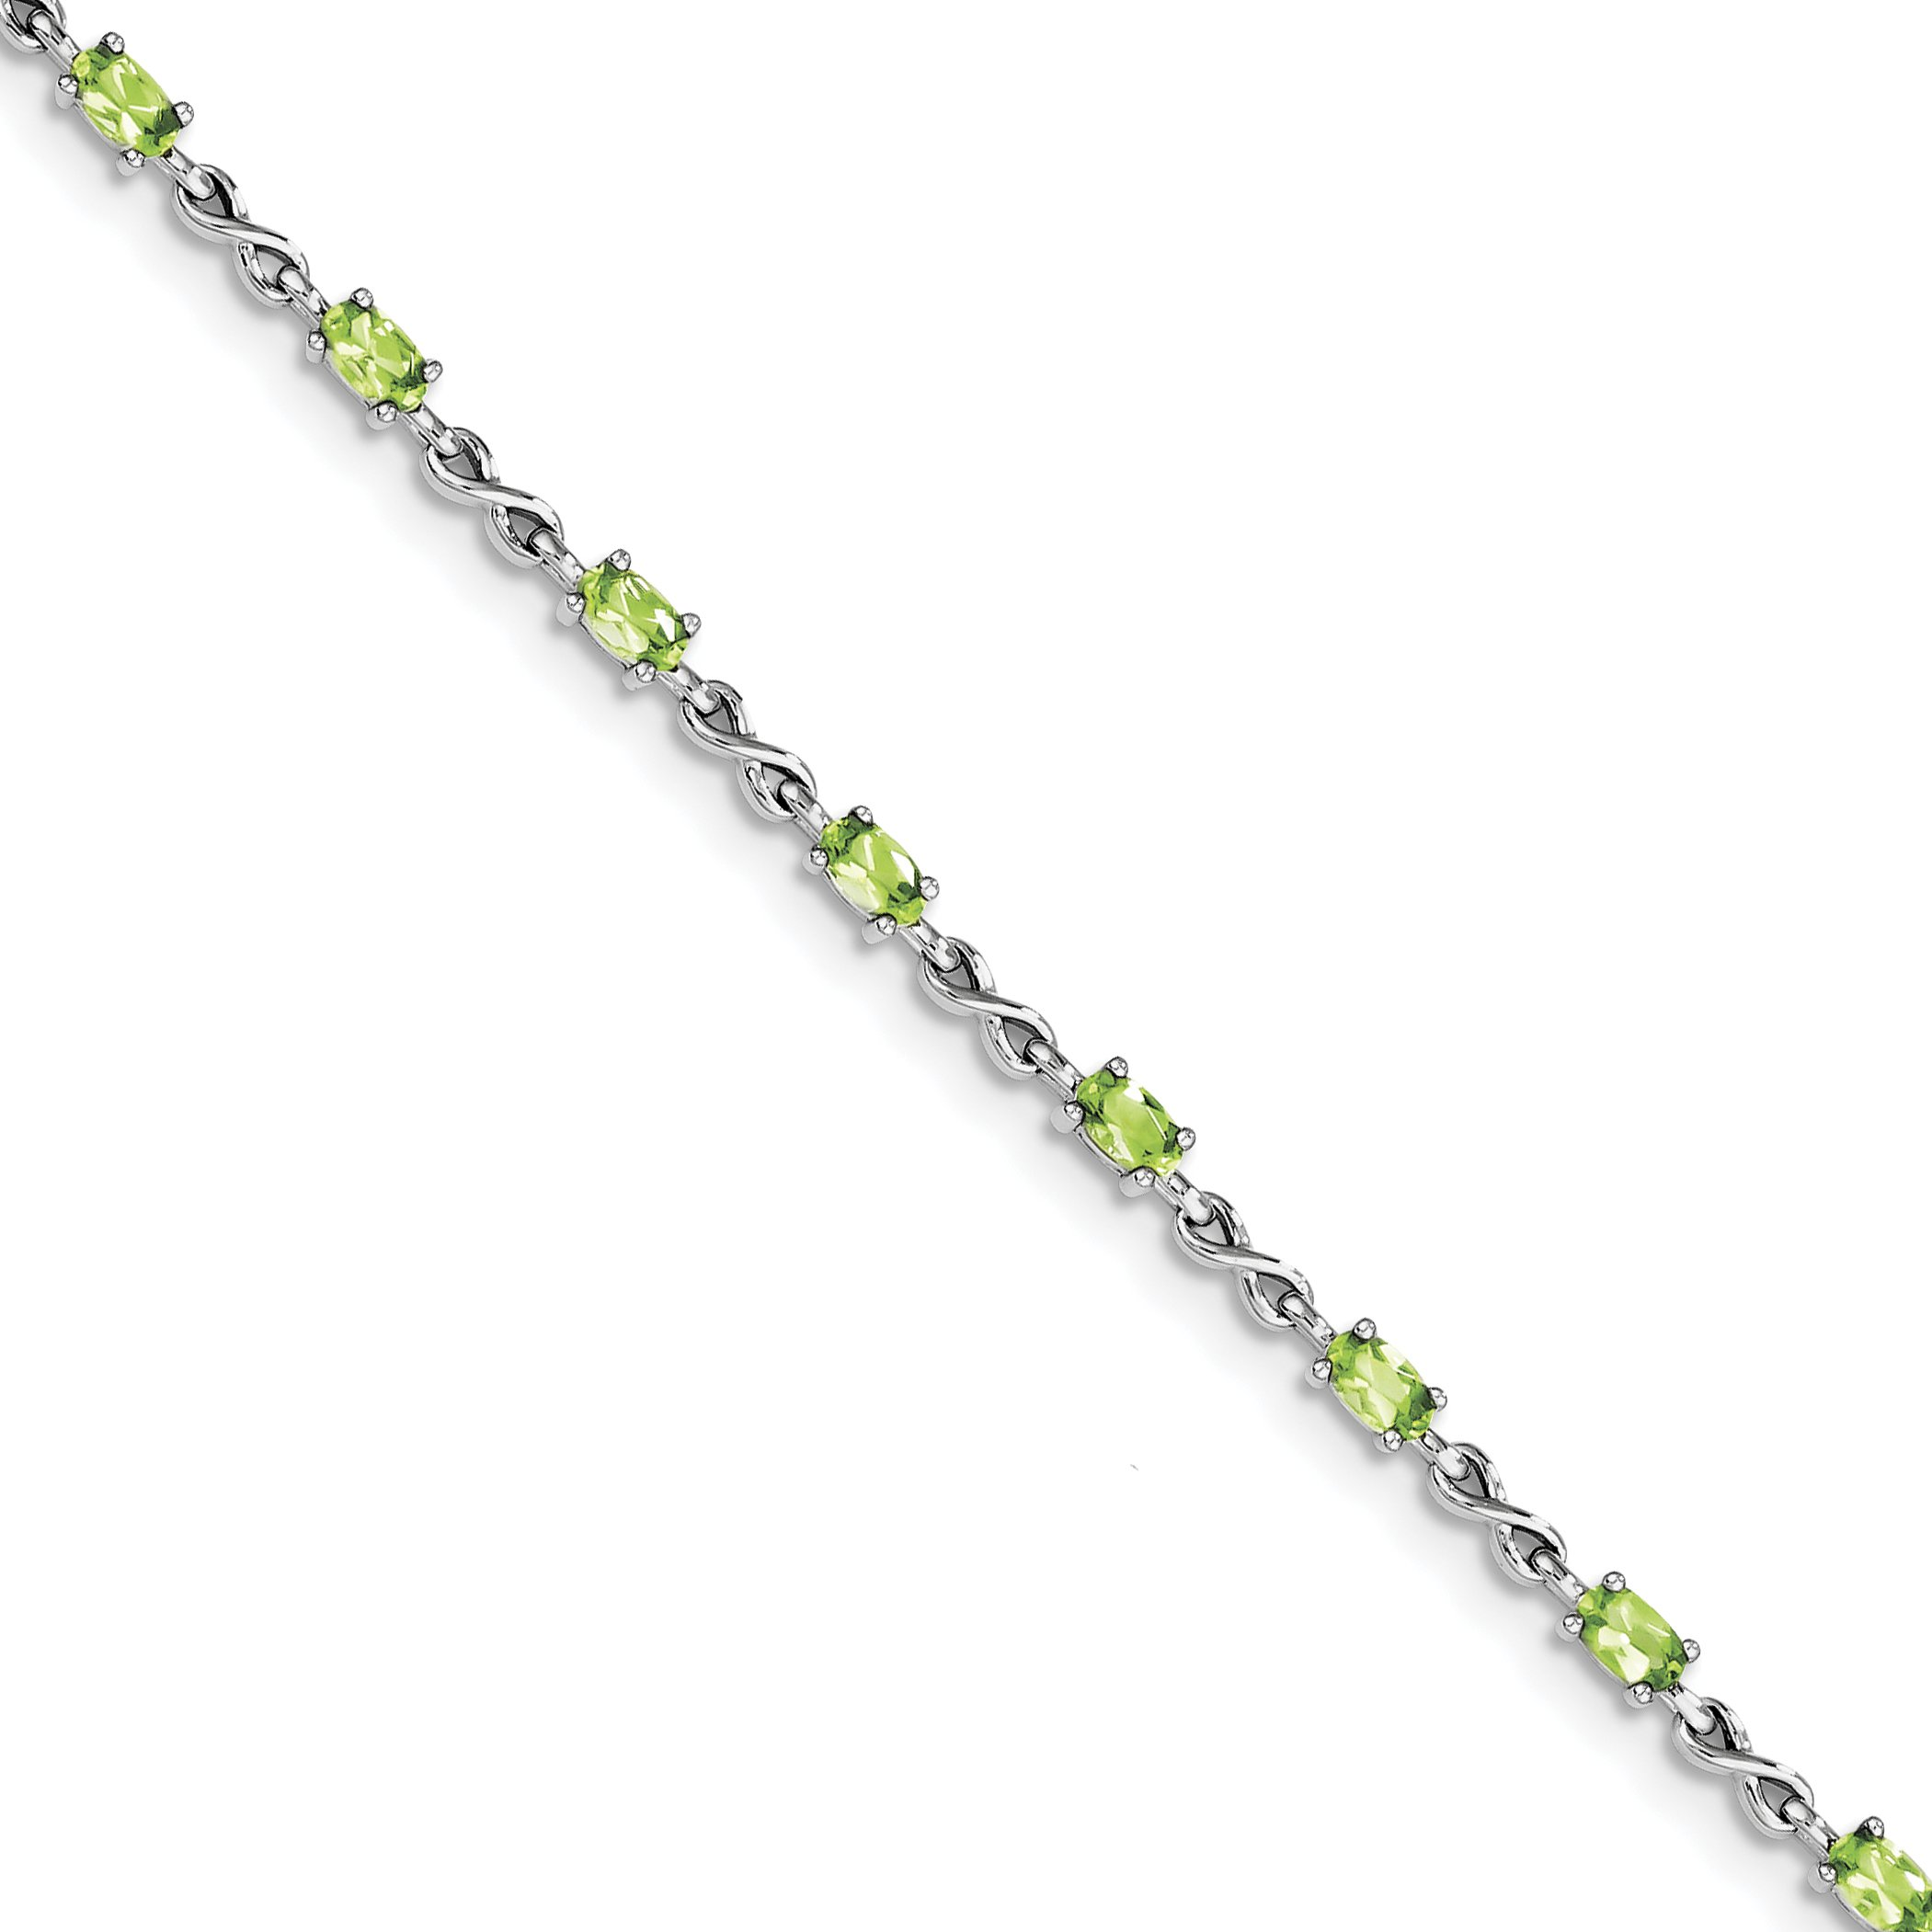 ICE CARATS 925 Sterling Silver Green Peridot Bracelet 7.50 Inch Infinity Gemstone Fine Jewelry Gift Set For Women Heart